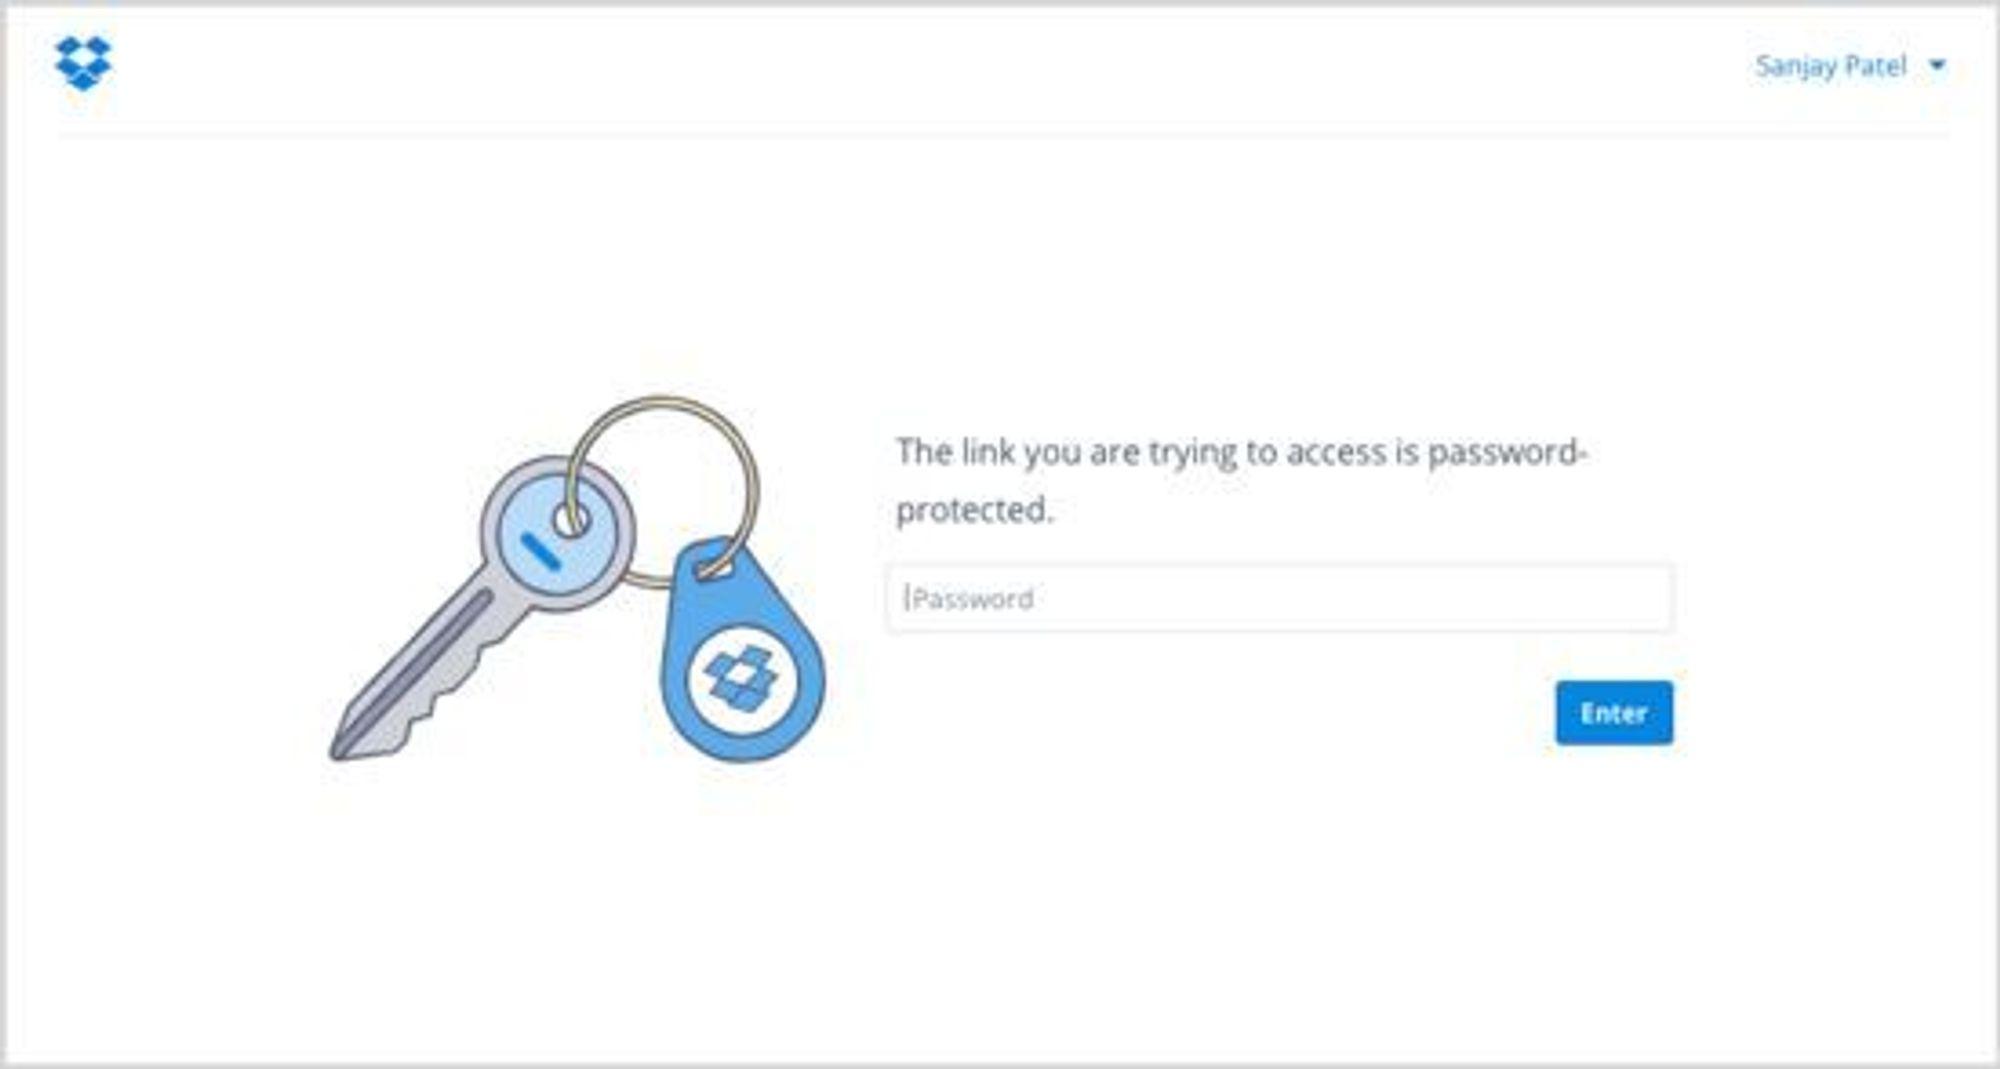 Passordbeskyttelse av lenker er en av de nye funksjonene.